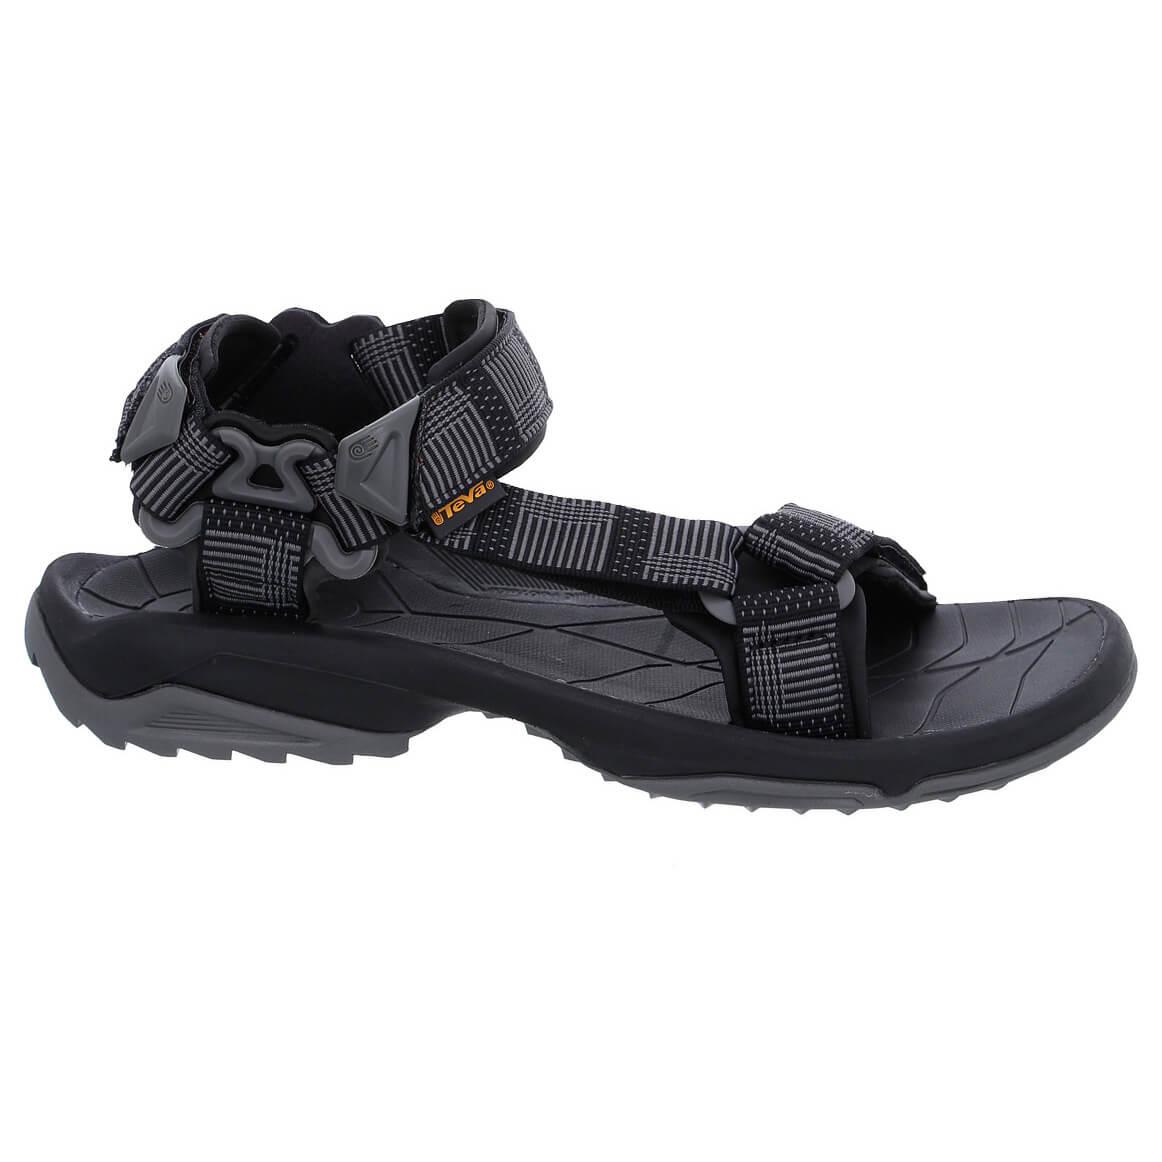 f53e8237019a Teva Terra Fi Lite - Sandals Men s